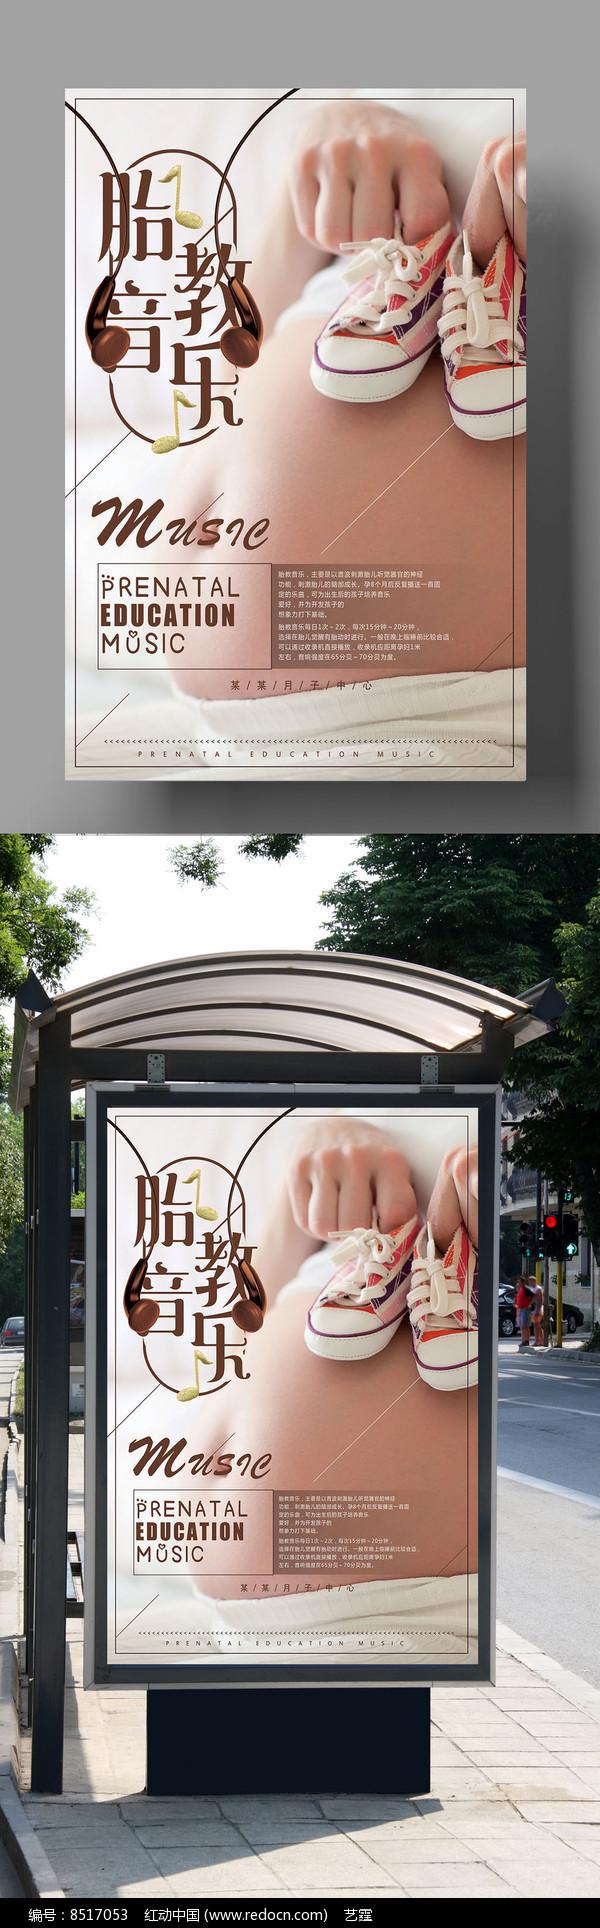 创意胎教音乐宣传海报图片